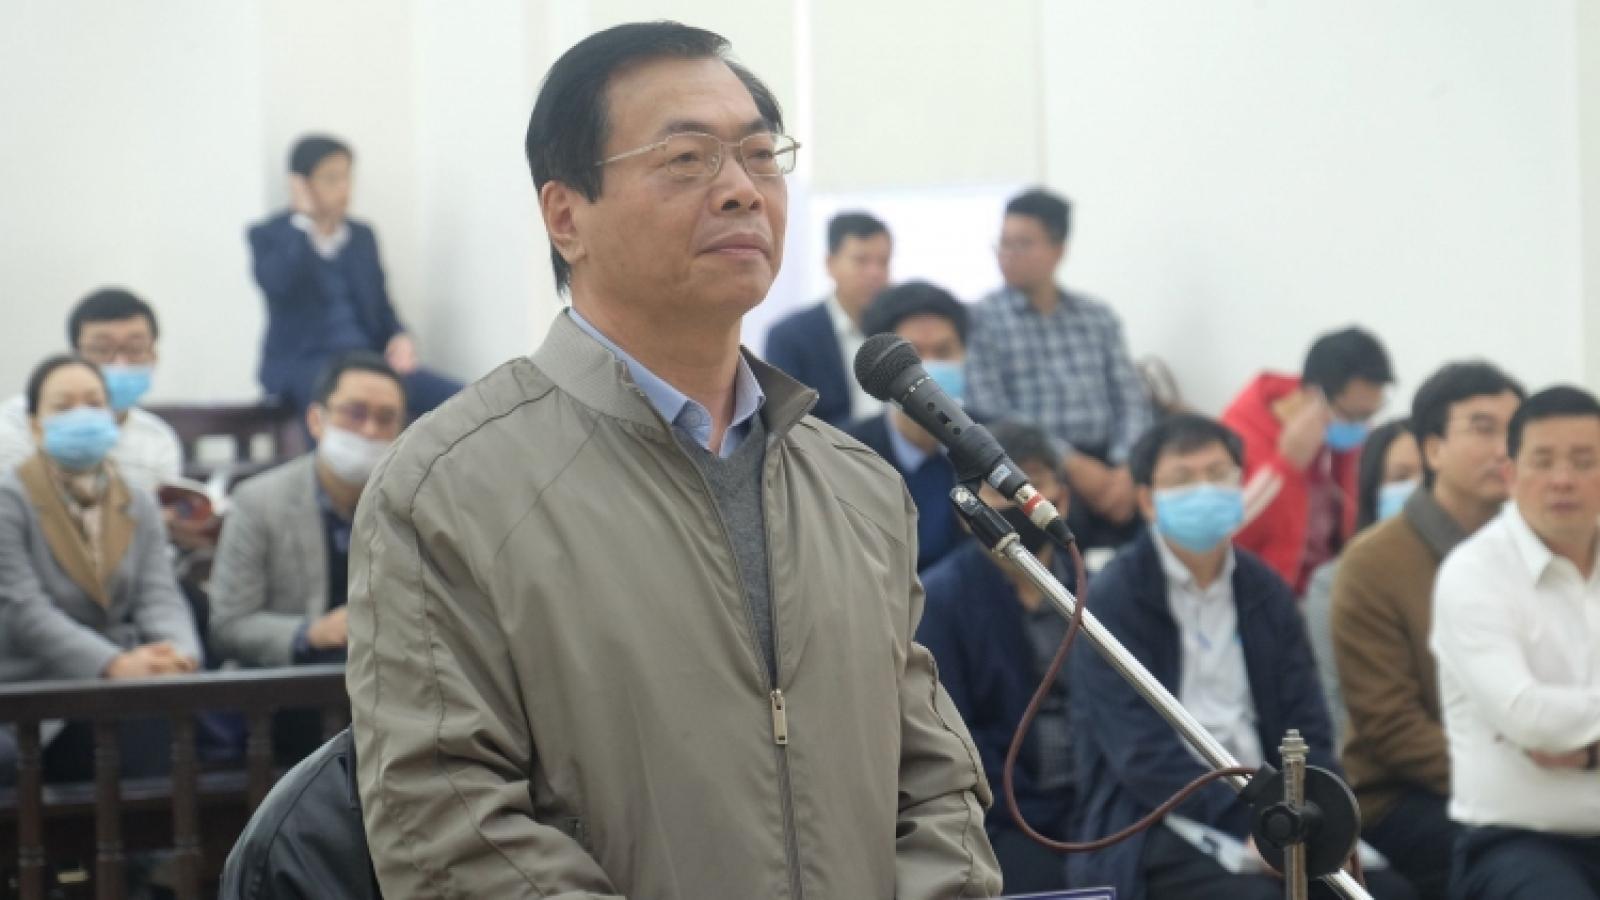 Cựu Bộ trưởng Vũ Huy Hoàng lại chuẩn bị hầu tòa